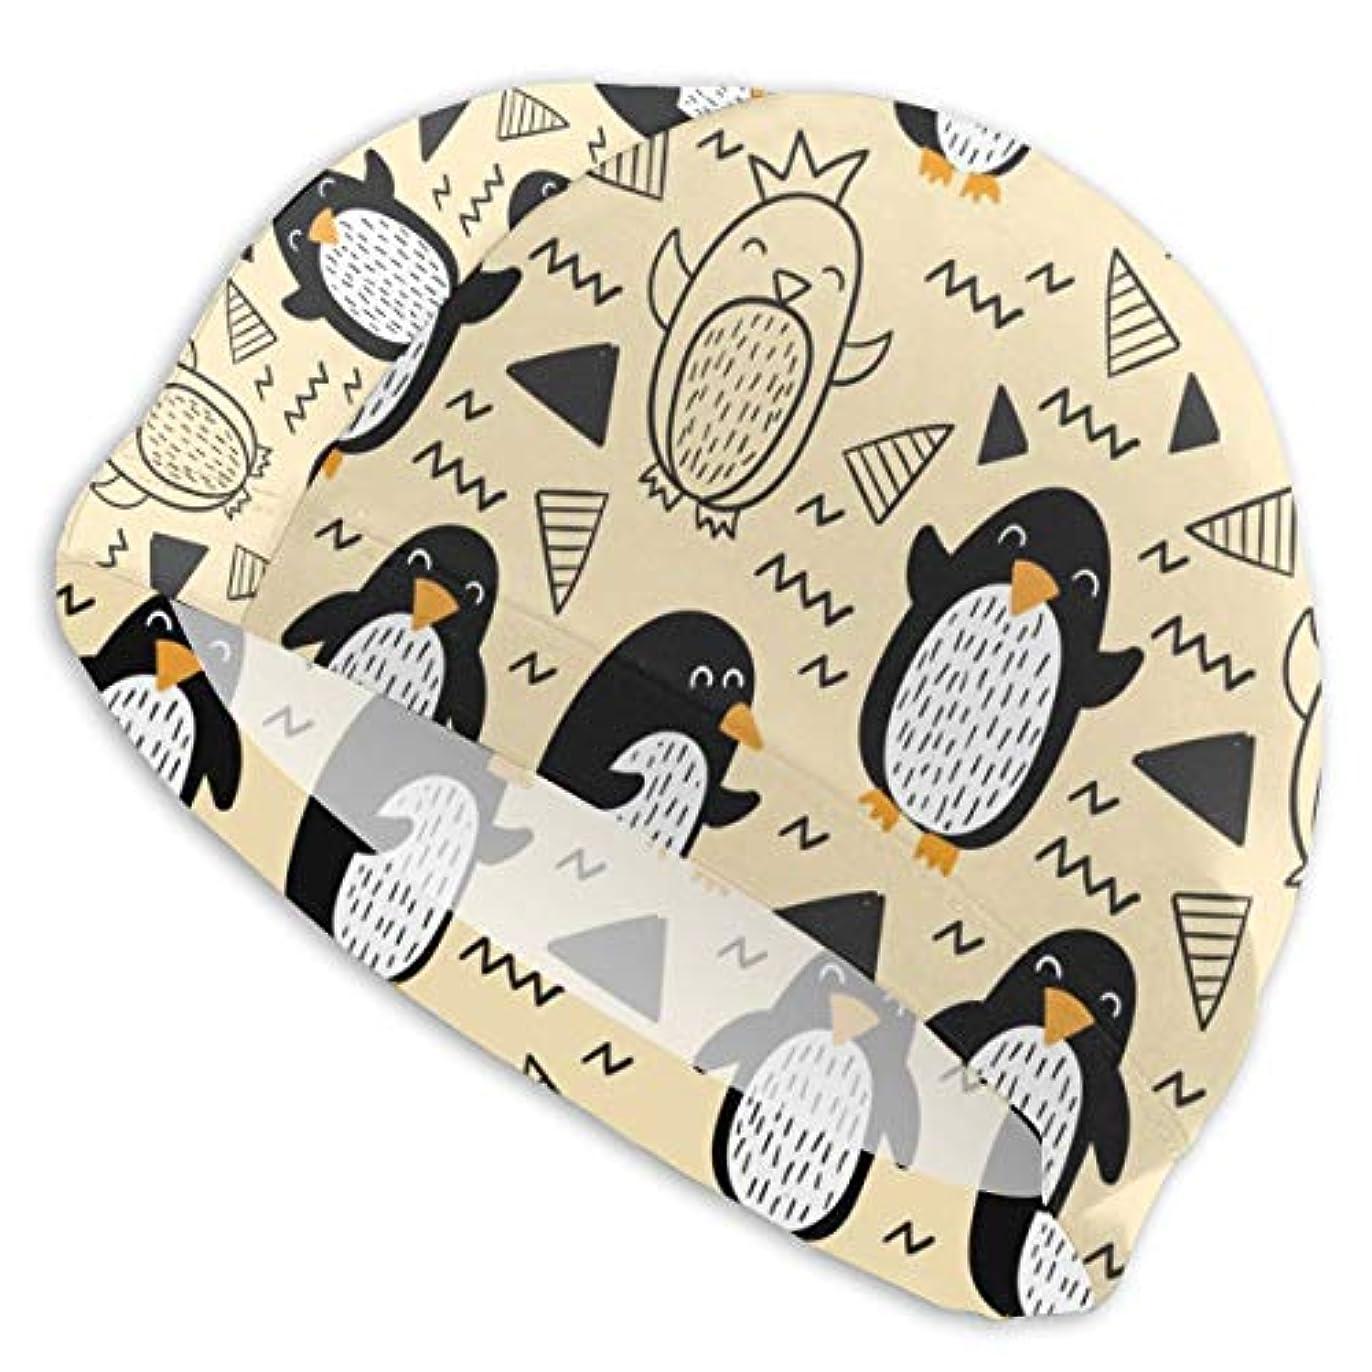 アンテナ慎重にデコラティブ水泳帽 スイムキャップ 水泳キャップ スイミングキャップ スポーツ 競泳 トレーニング ペンギン 漫画 柔らかい Uvカット 伸縮性良い 浸水防止 着脱簡単 男女兼用 大人 学生 シンプル 無地